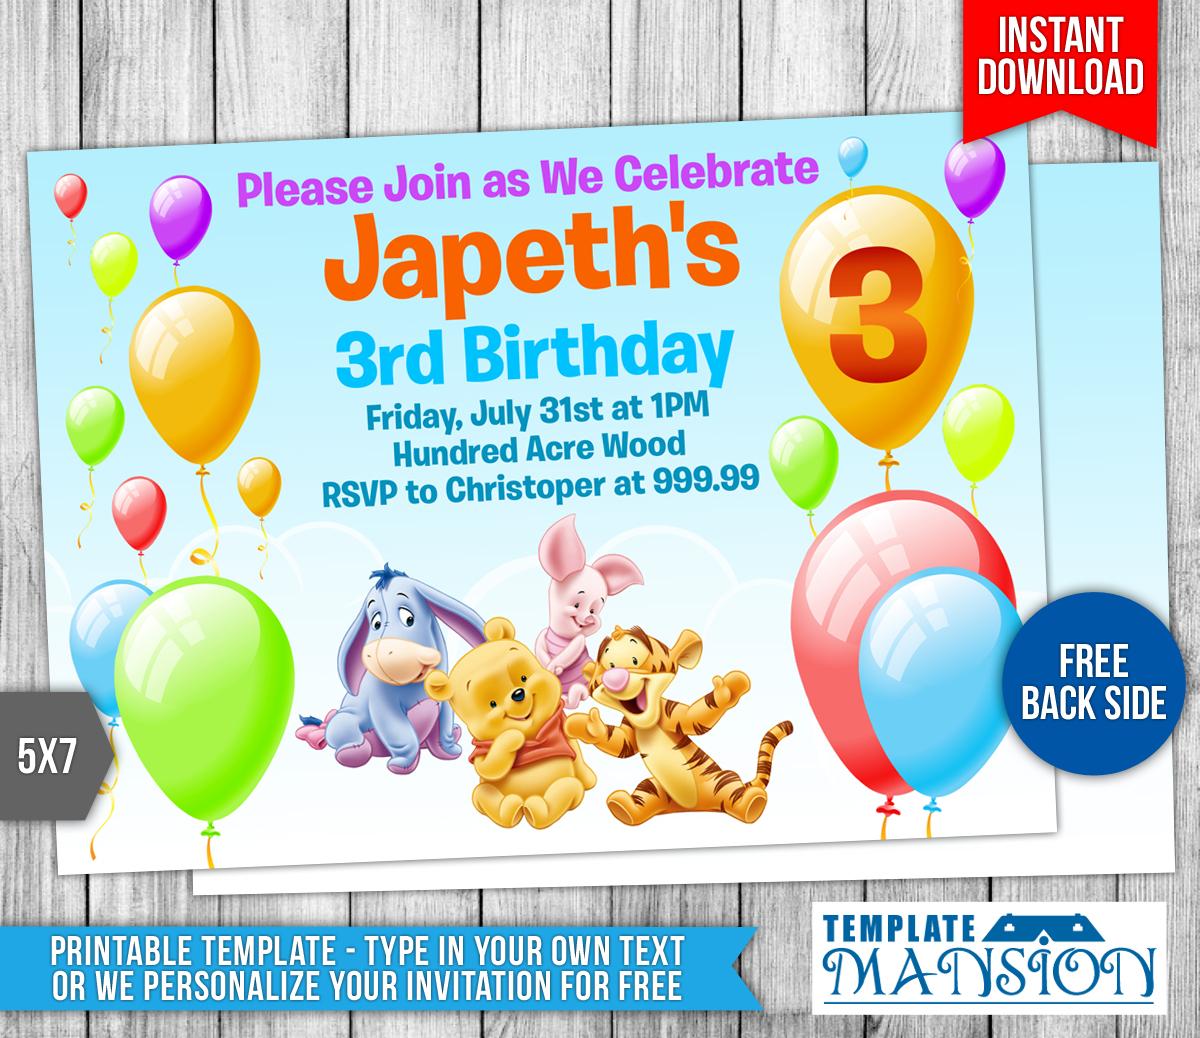 Winnie the Pooh Birthday Invitation by templatemansion on DeviantArt